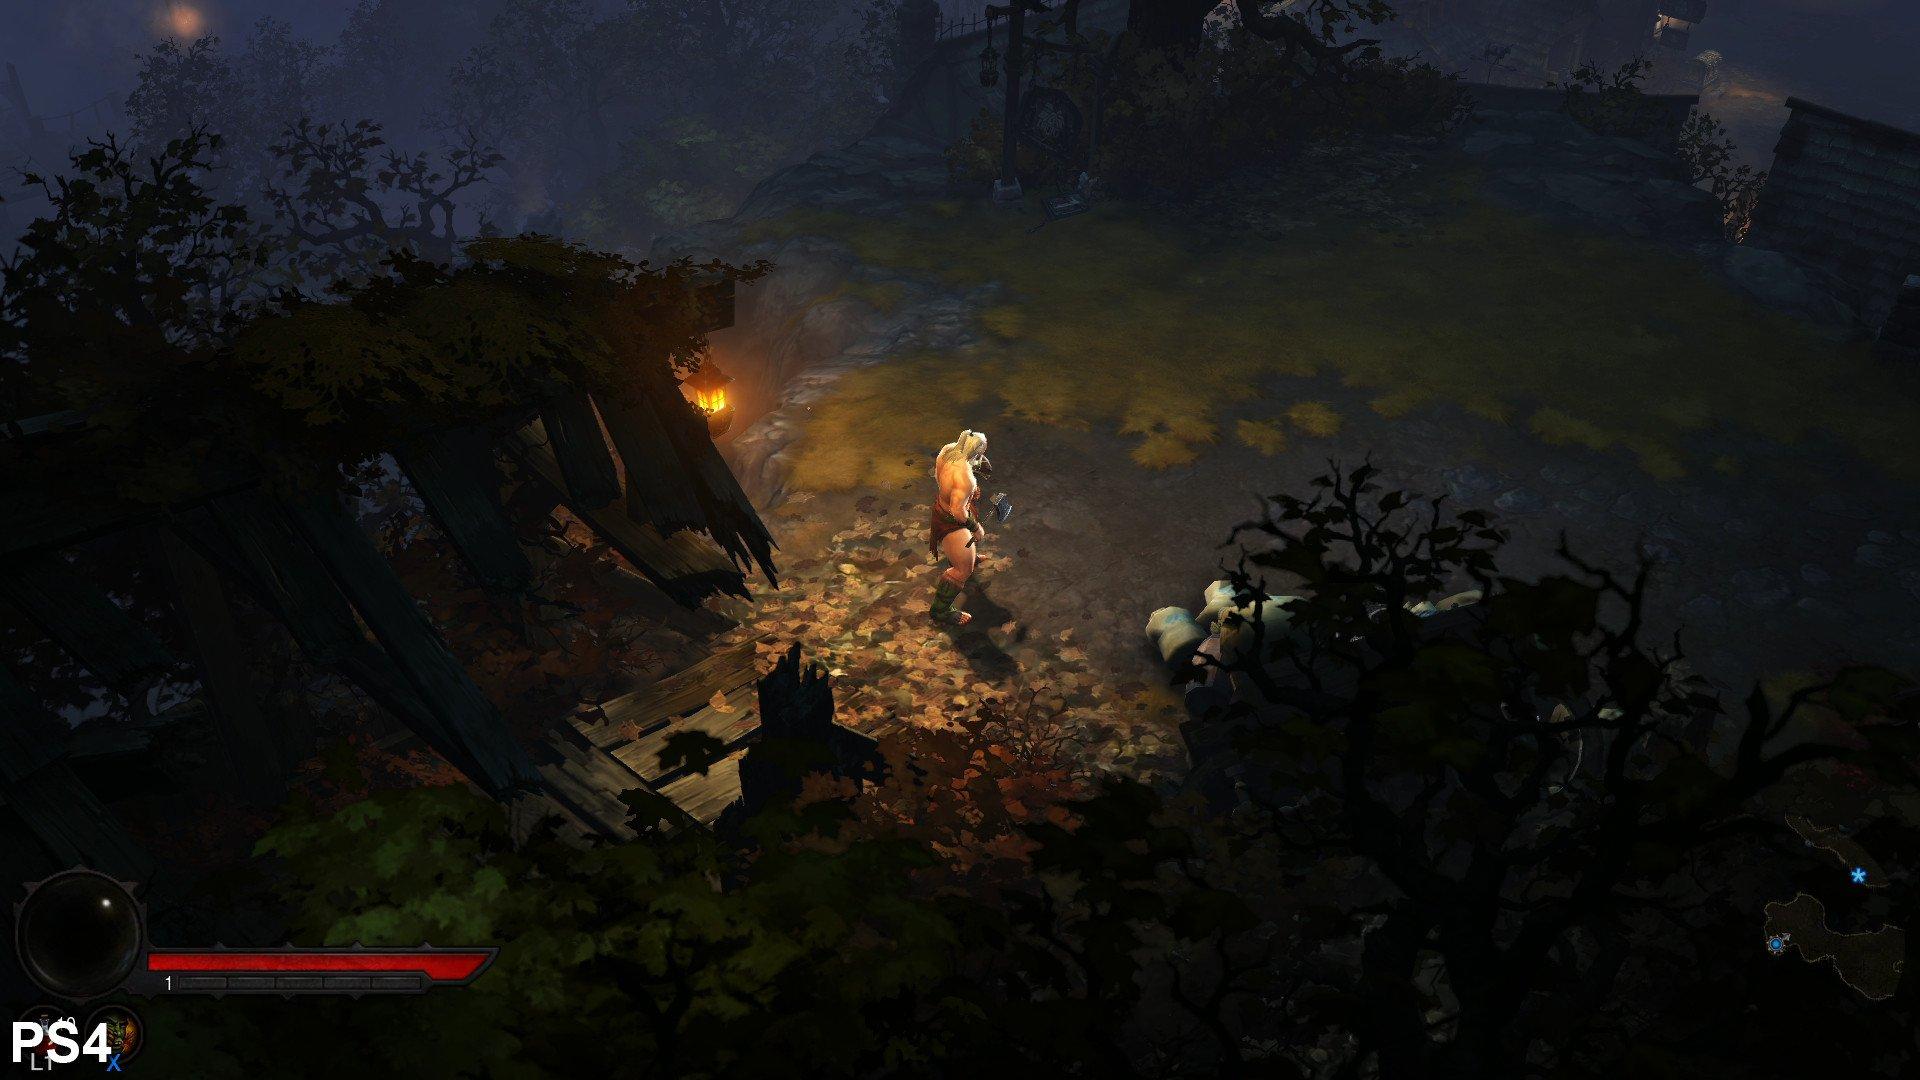 PS4 vs Xbox One Comparison Screenshot 5